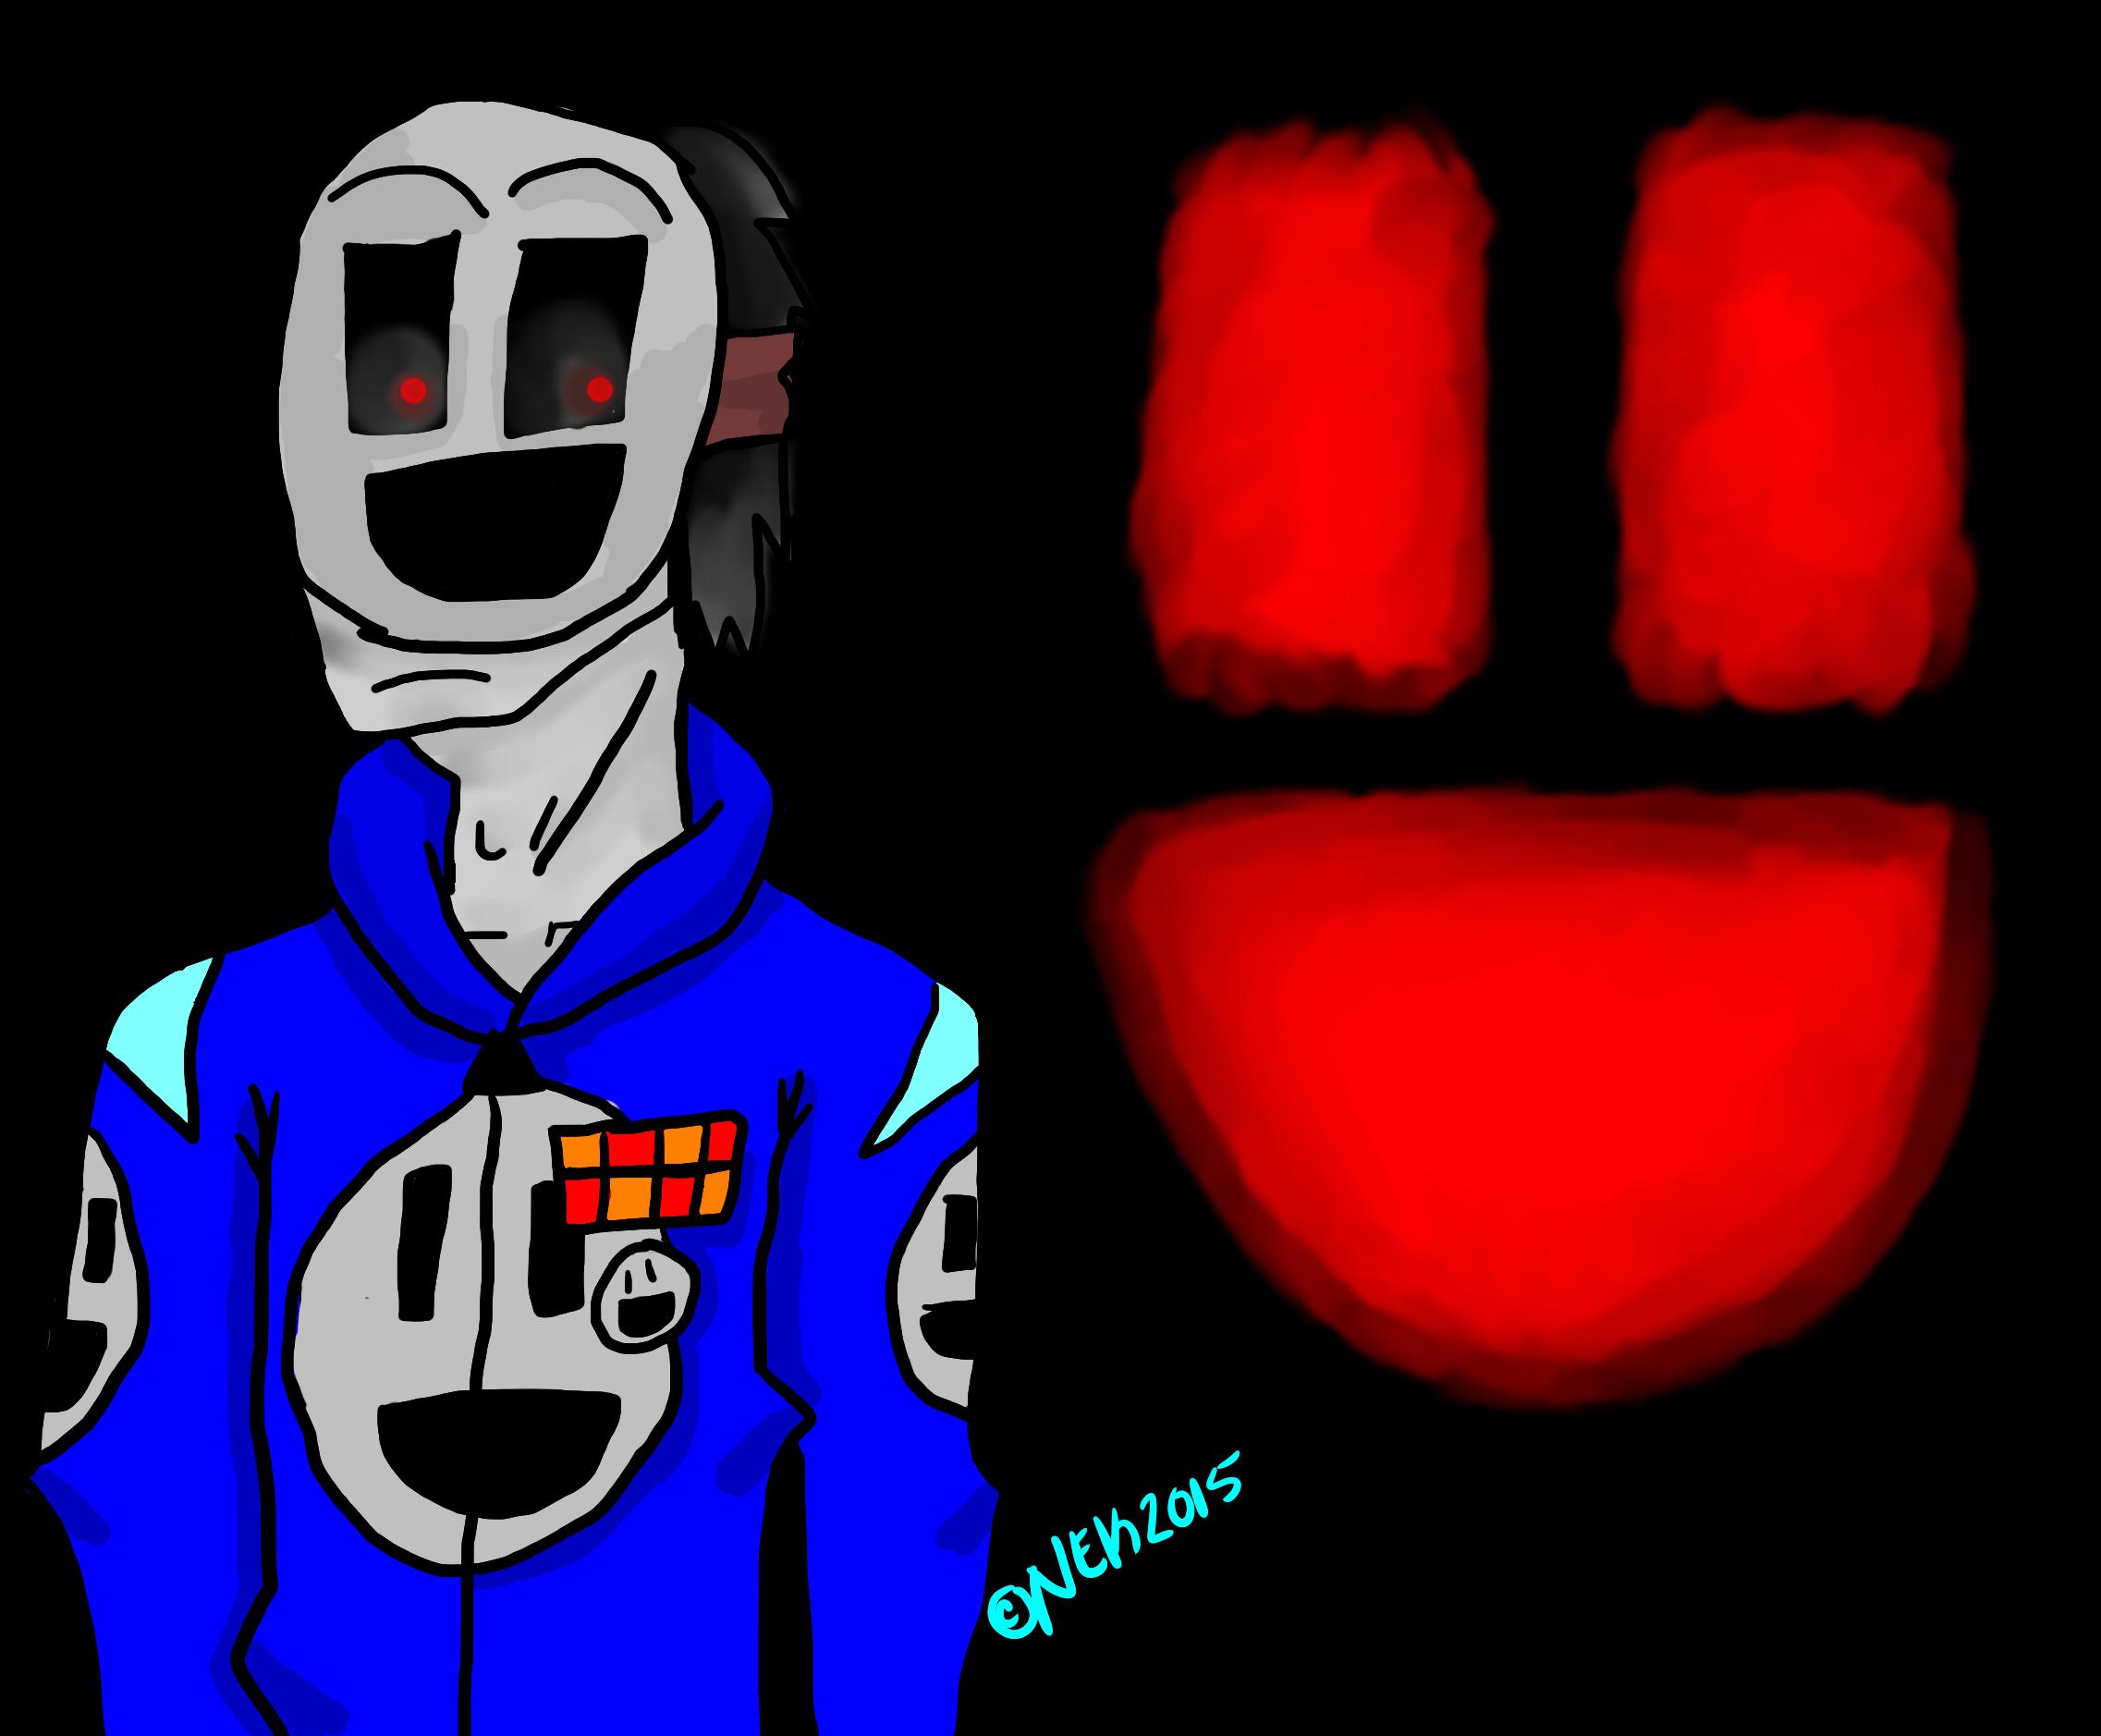 SmileyFace CopyCat Killer